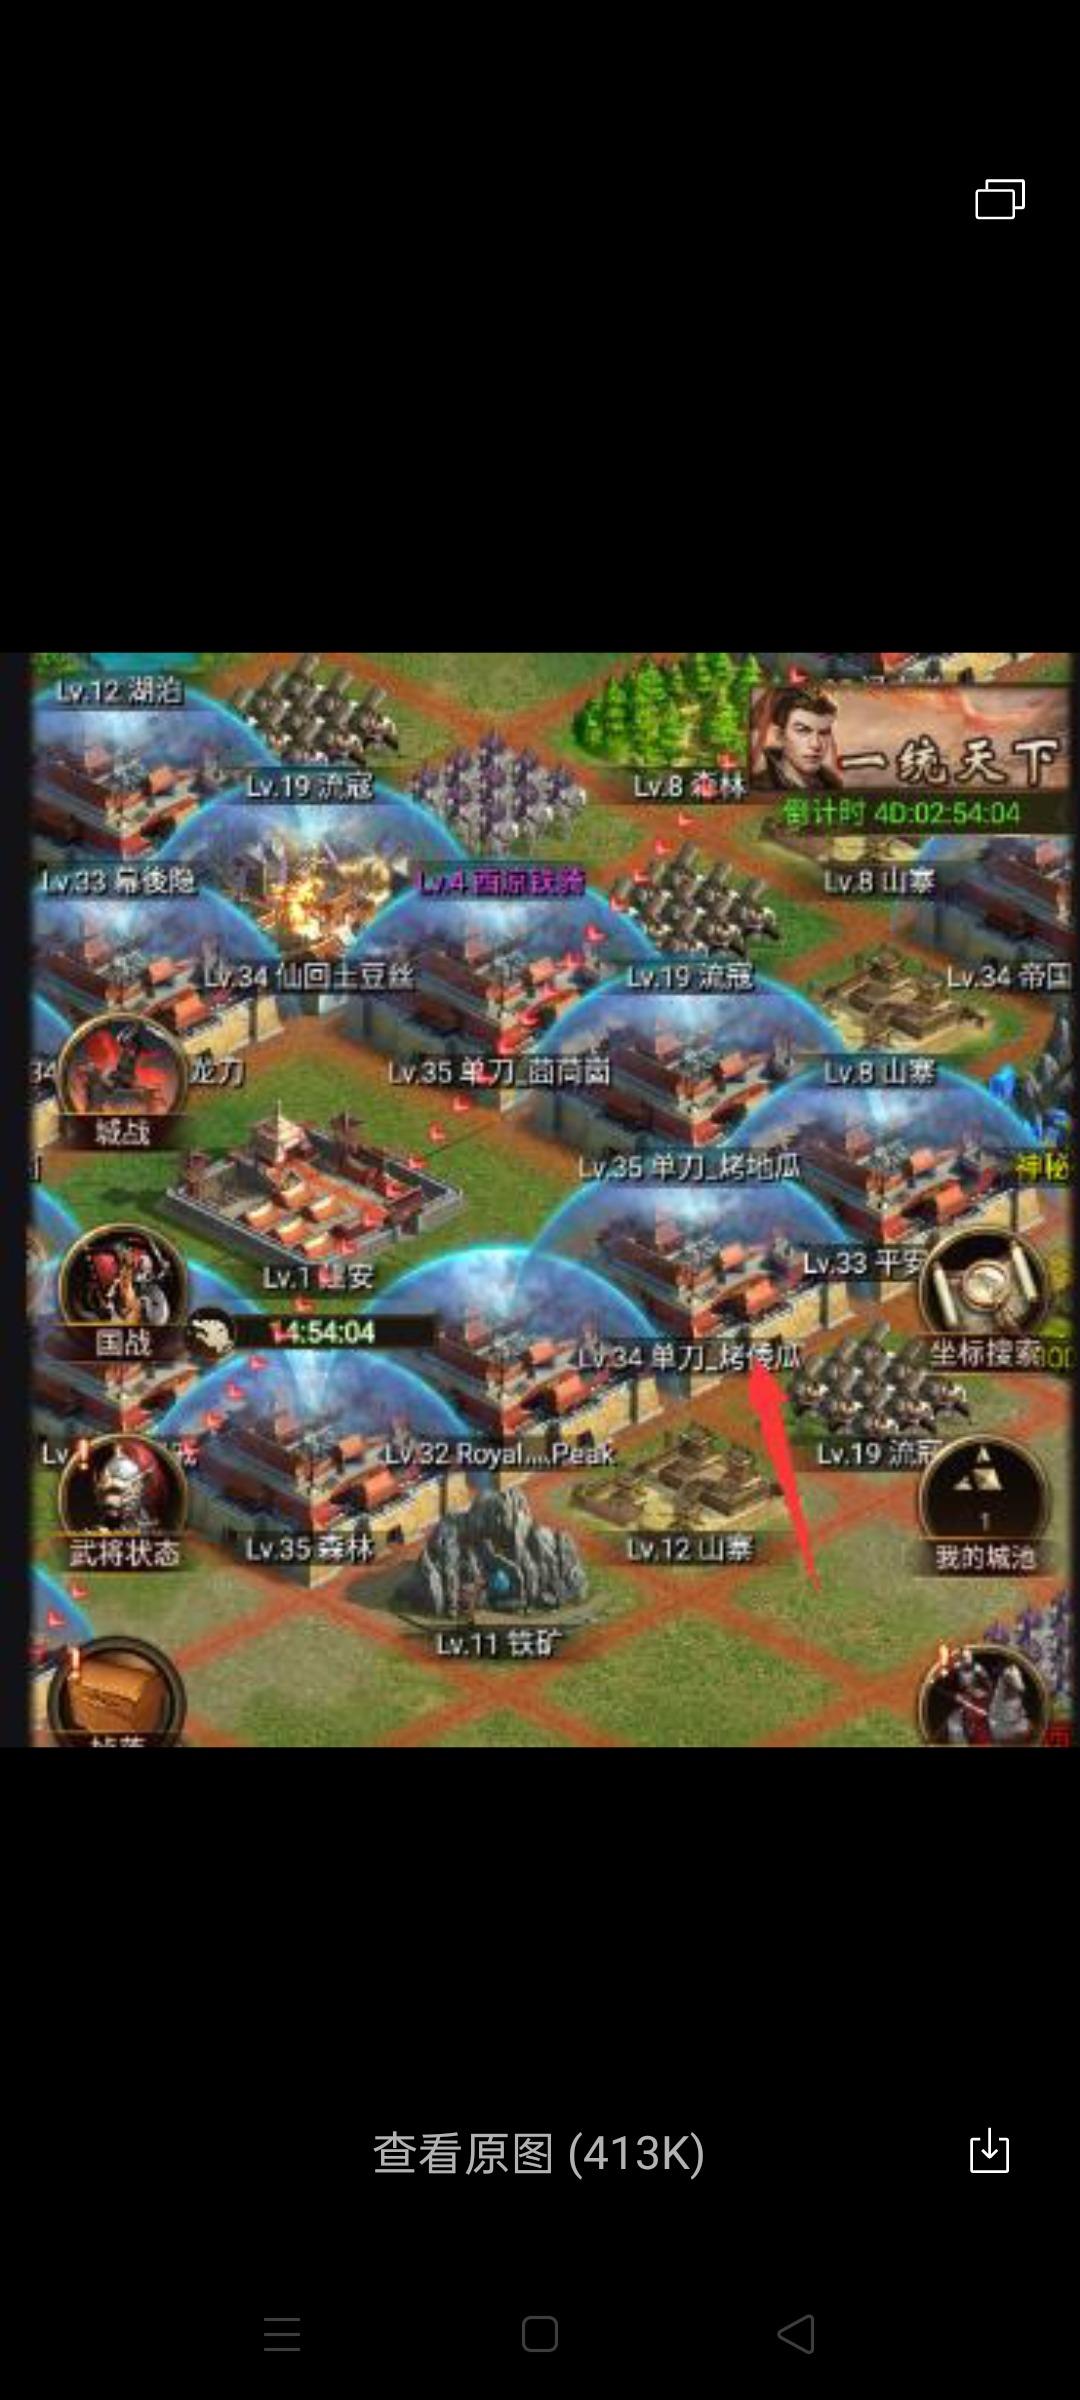 Screenshot_2020-05-01-15-38-12-80.jpg